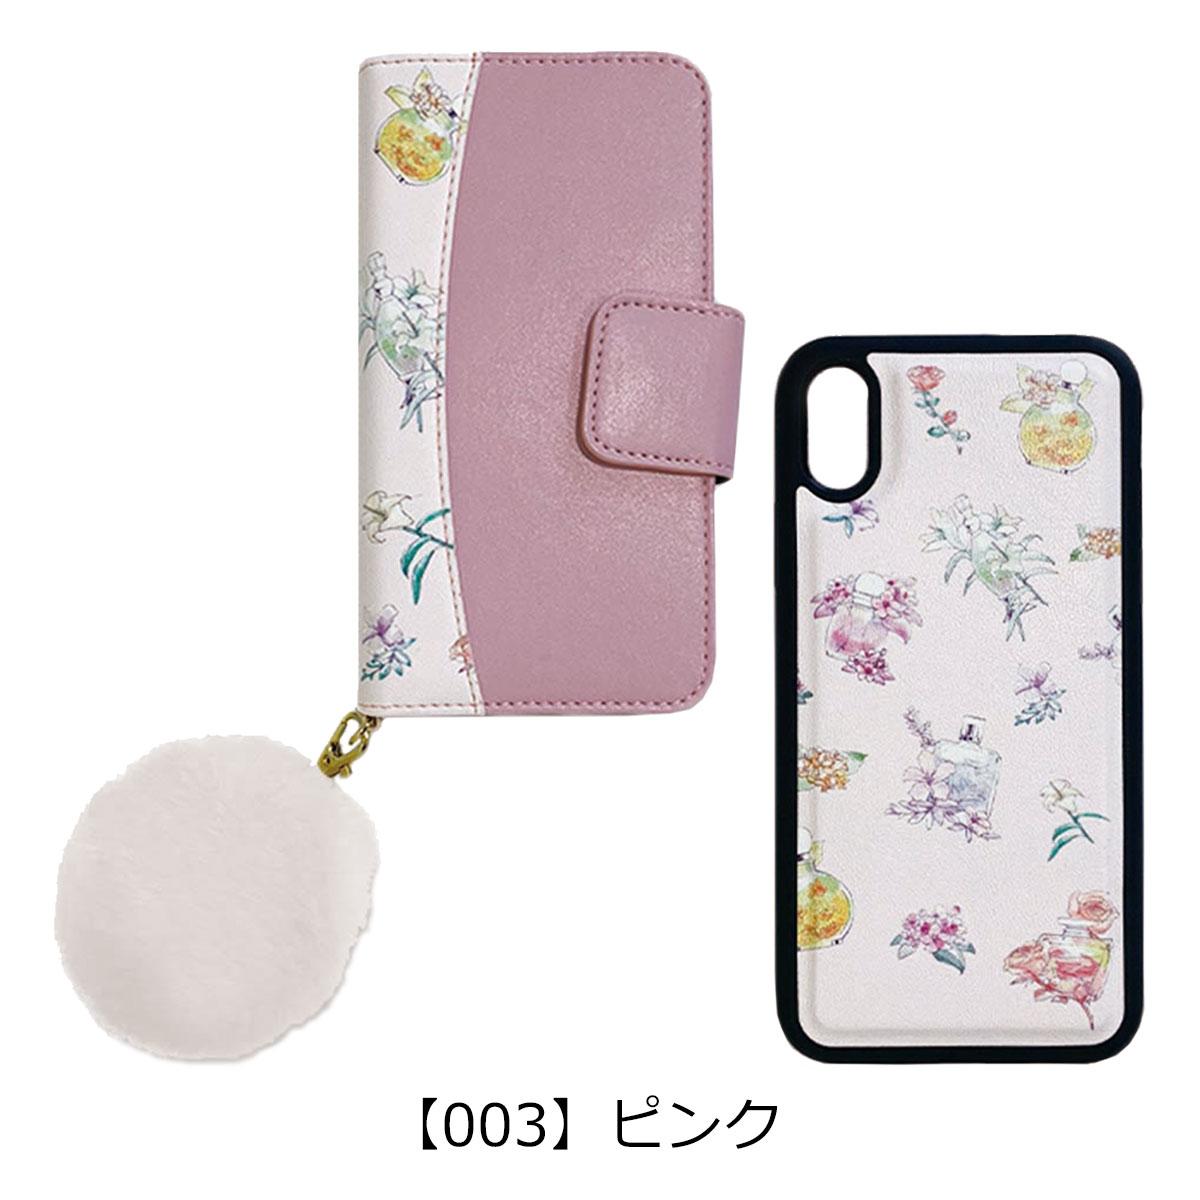 【003】ピンク